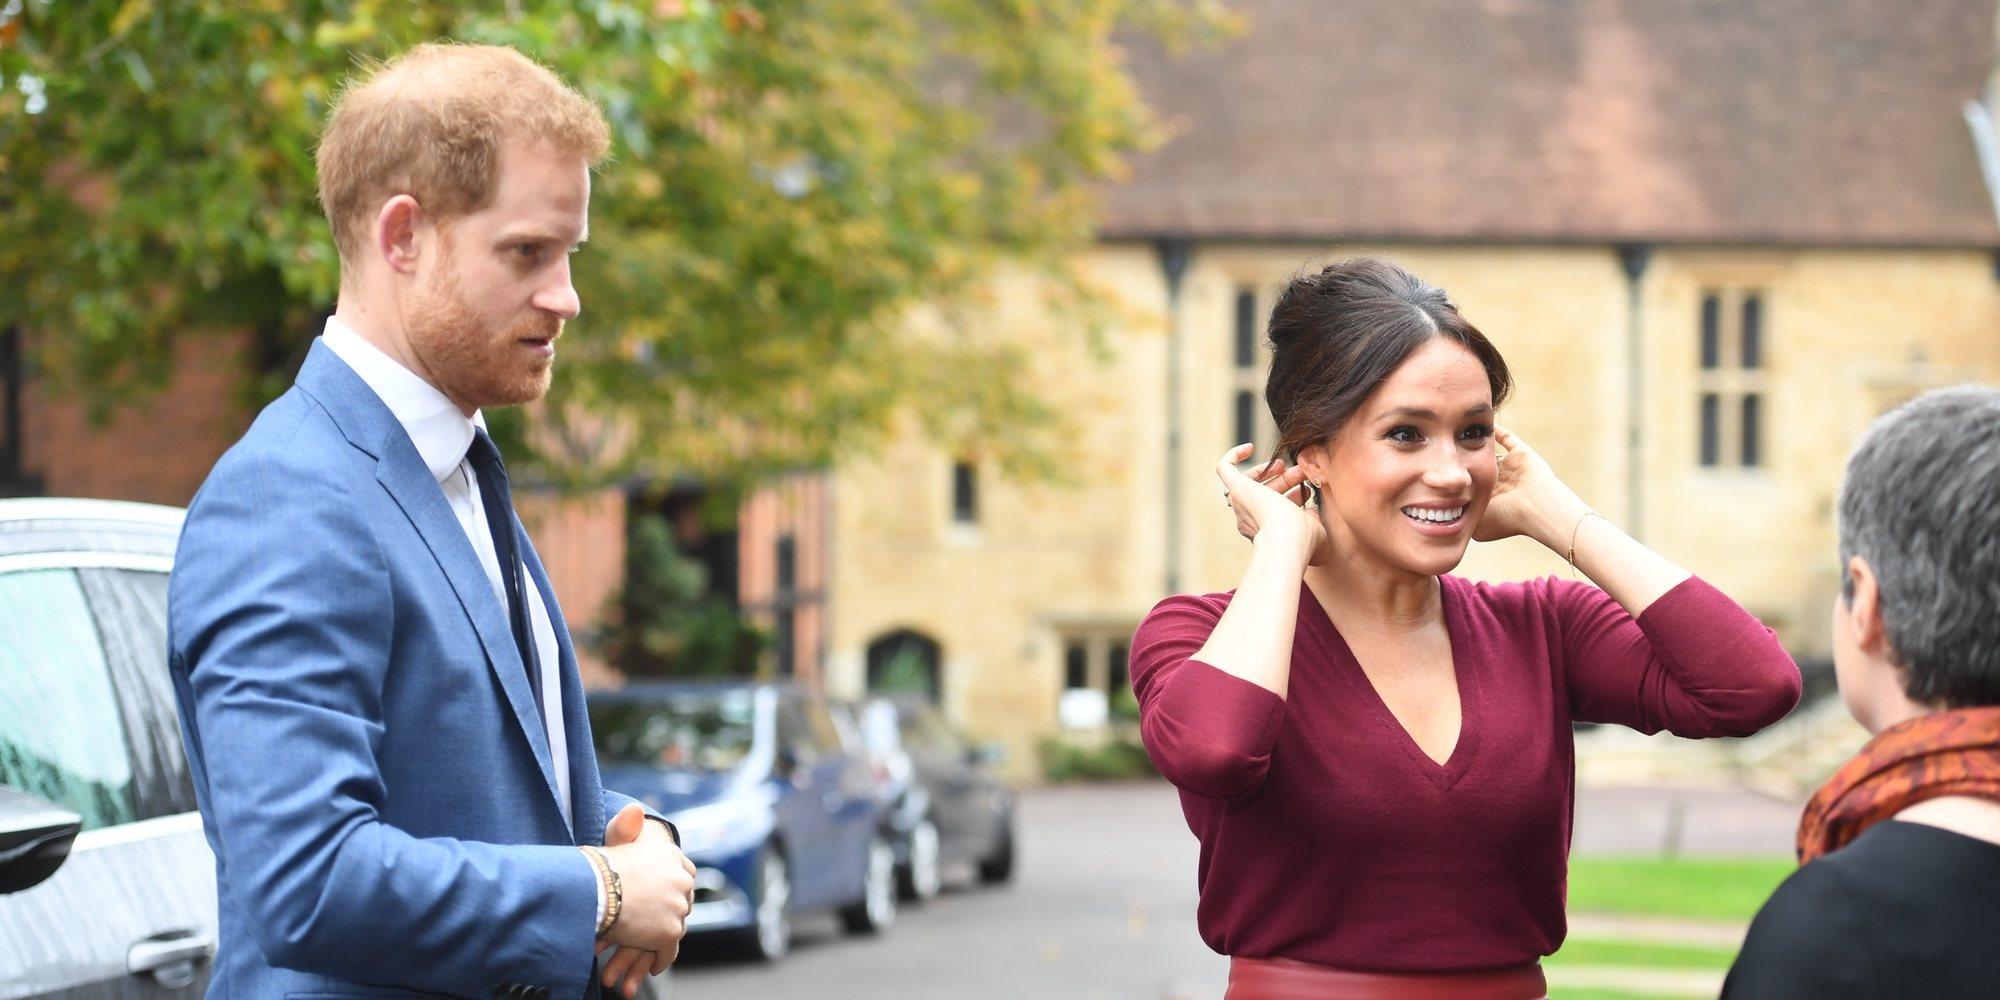 De la sonrisa de Meghan Markle a la tensión del Príncipe Harry en su inesperada aparición pública